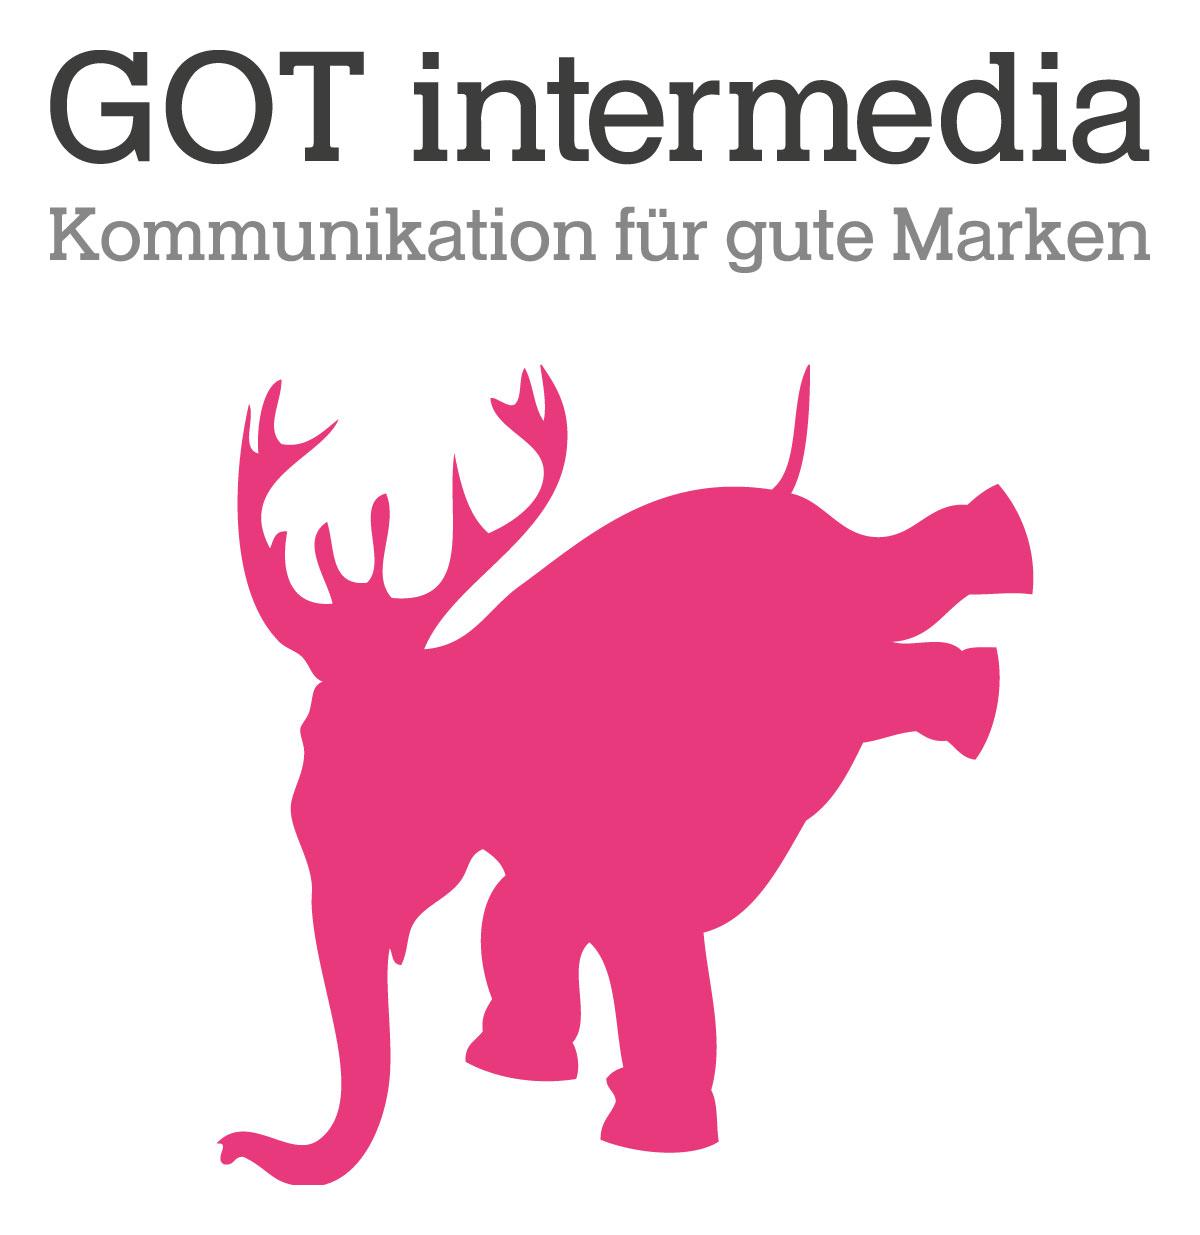 GOT intermedia